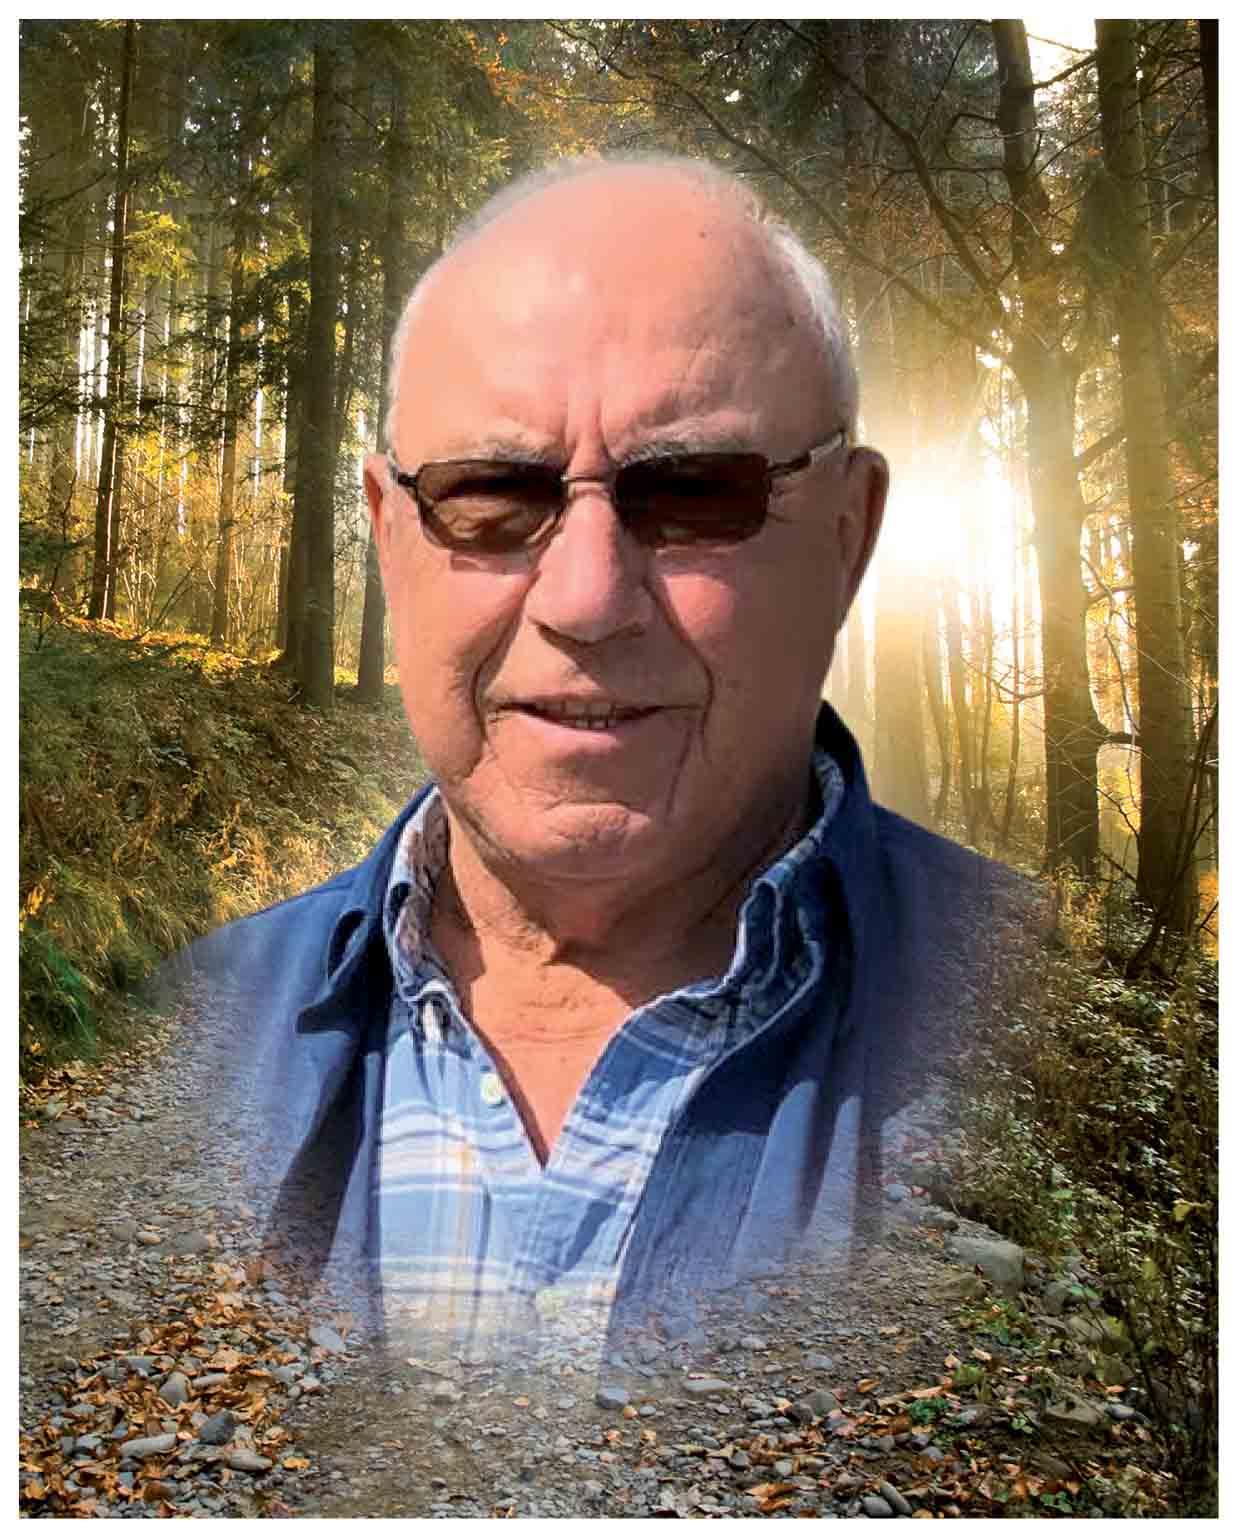 Avis de décès - Résidence funéraire Bernard Longpré Inc. - monsieur JOLY, JEAN-PAUL